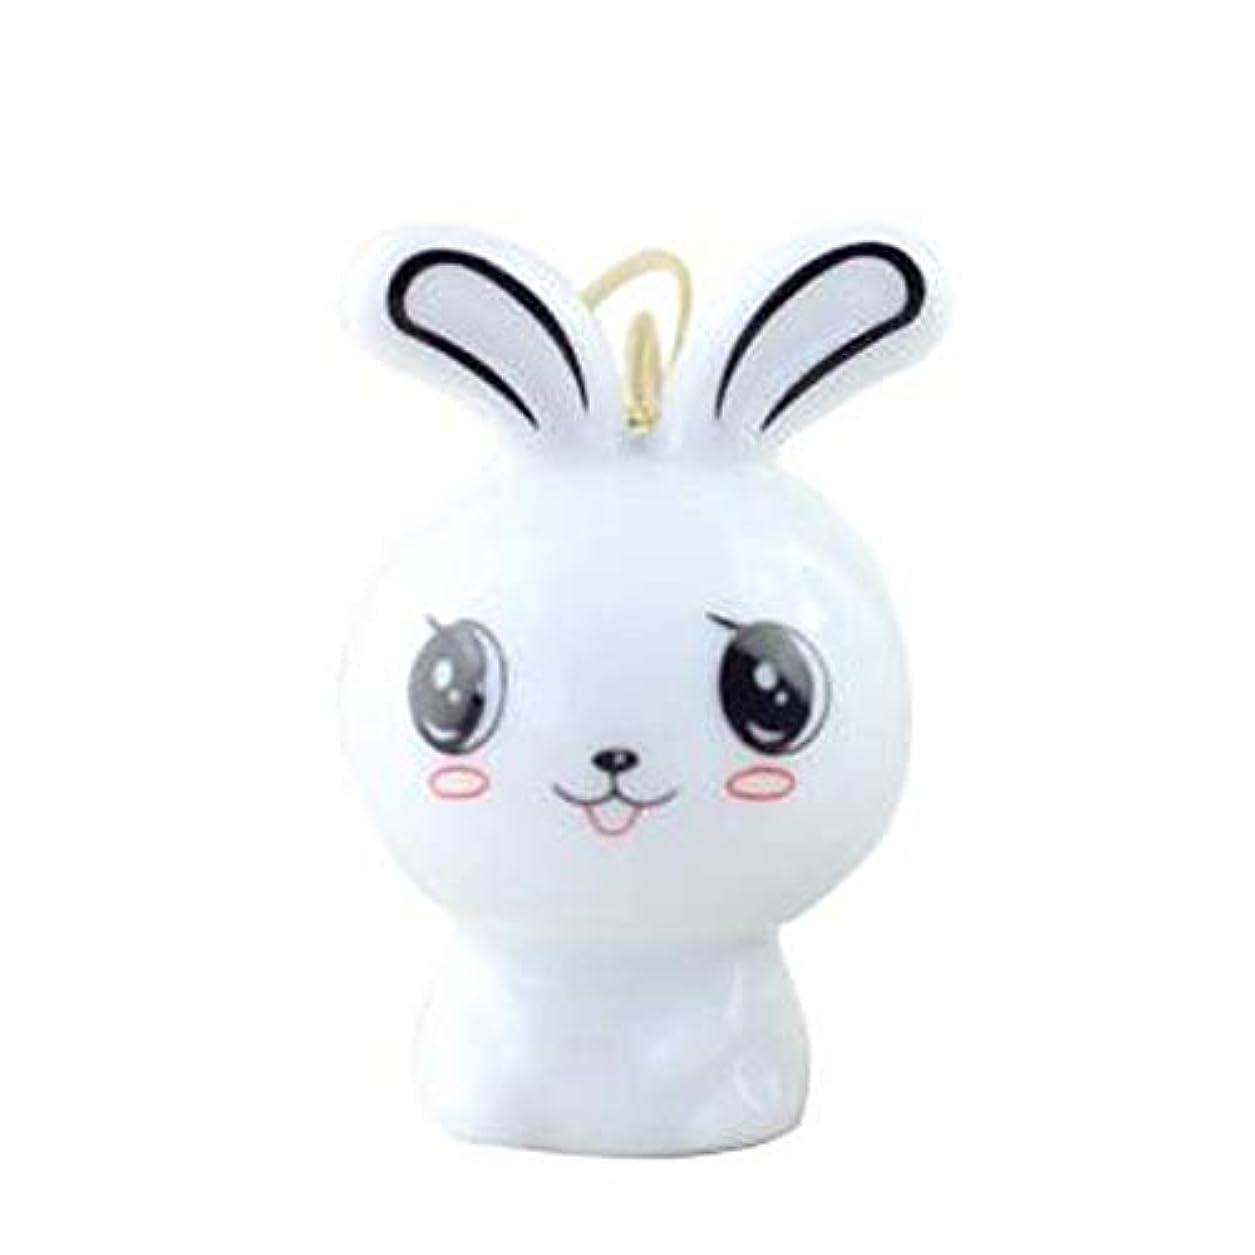 パネルプリーツ天井Qiyuezhuangshi 風チャイム、クリエイティブ?セラミックウサギ風チャイム、白、6CMについて全身,美しいホリデーギフト (Color : White)